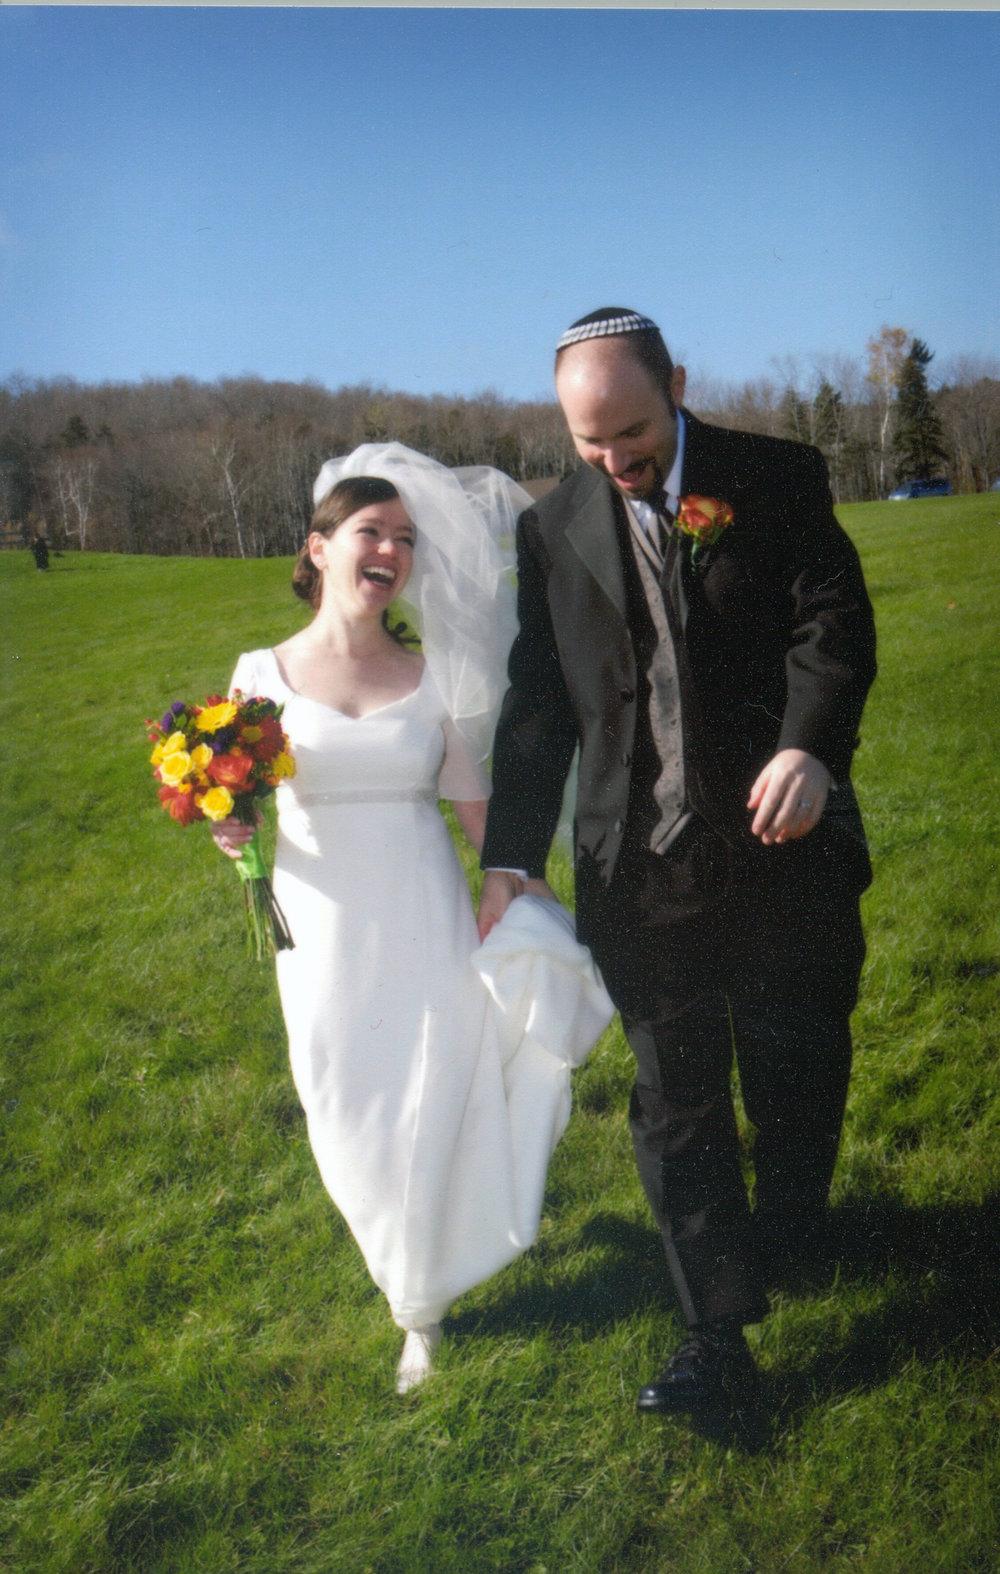 Jen lewin wedding